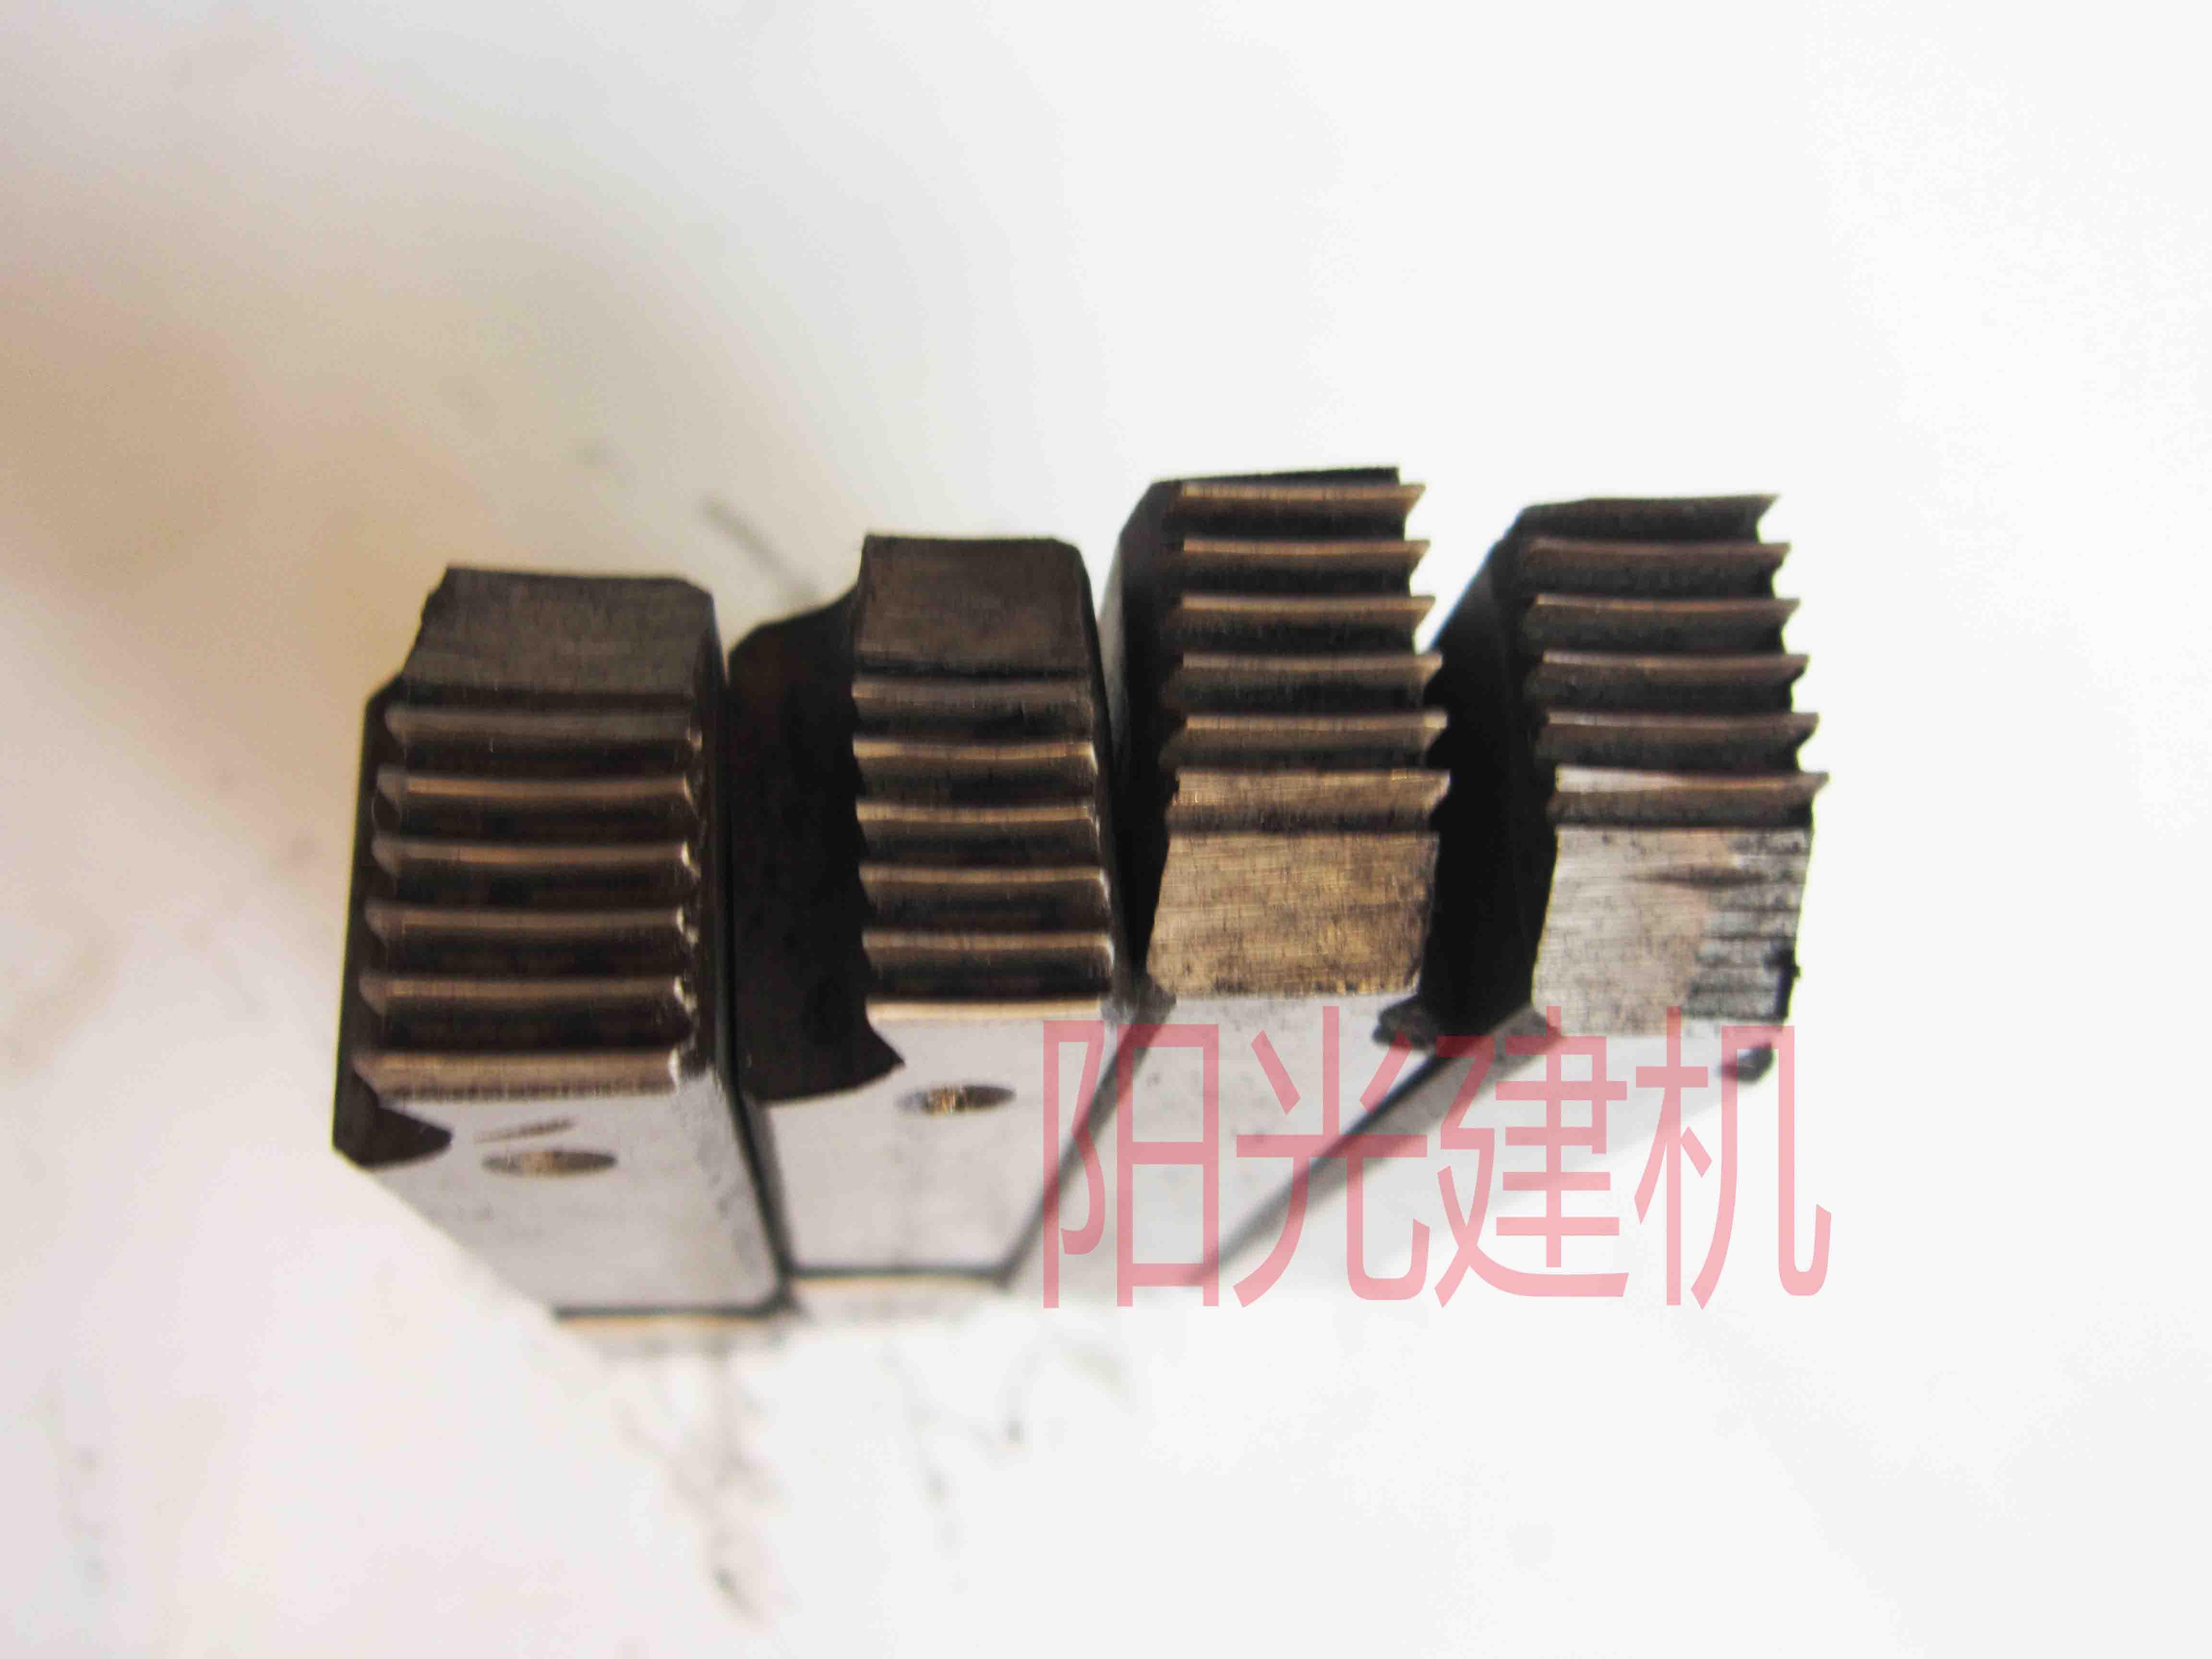 Shipping Shanghai brand genuine original electric threading machine screw tap die 2 inch 3 Inch 4 inch machine die